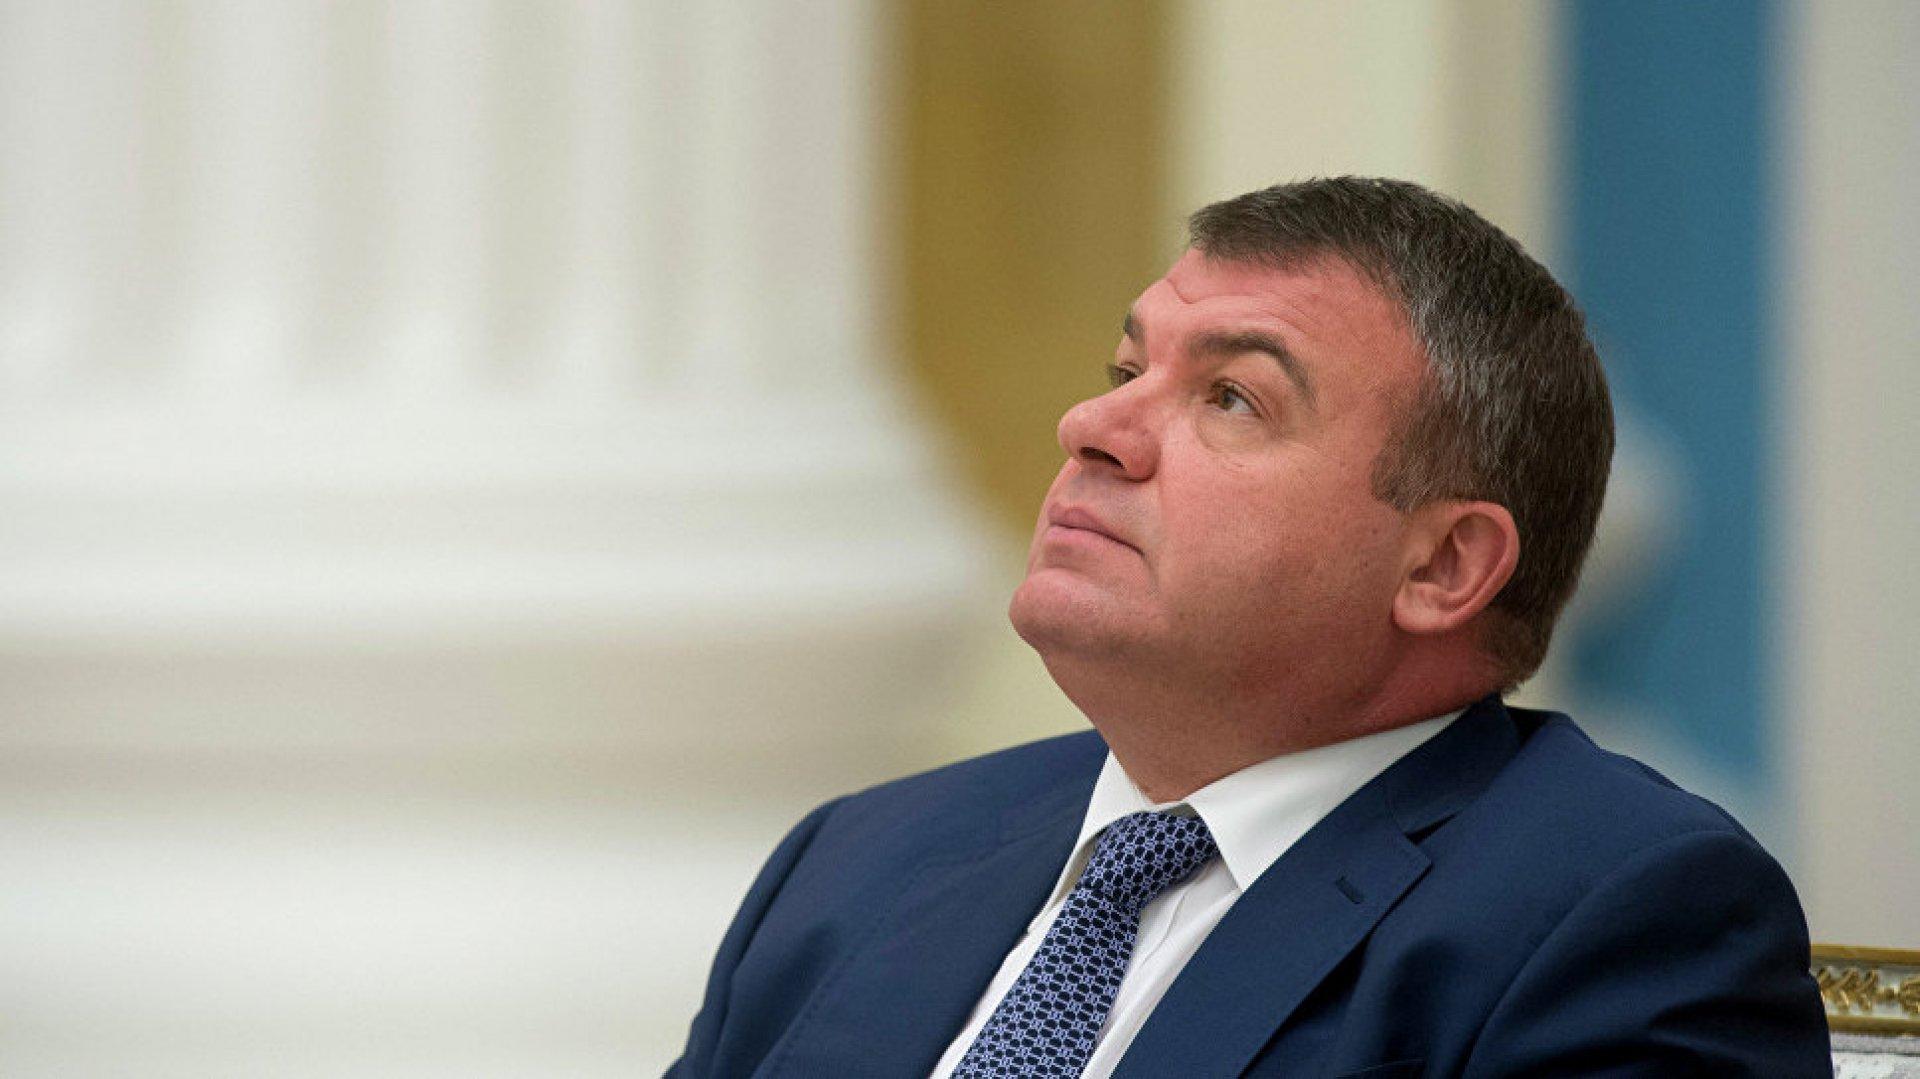 ОАК для ОПГ. Как лидер тамбовских управлял российским авиастроением